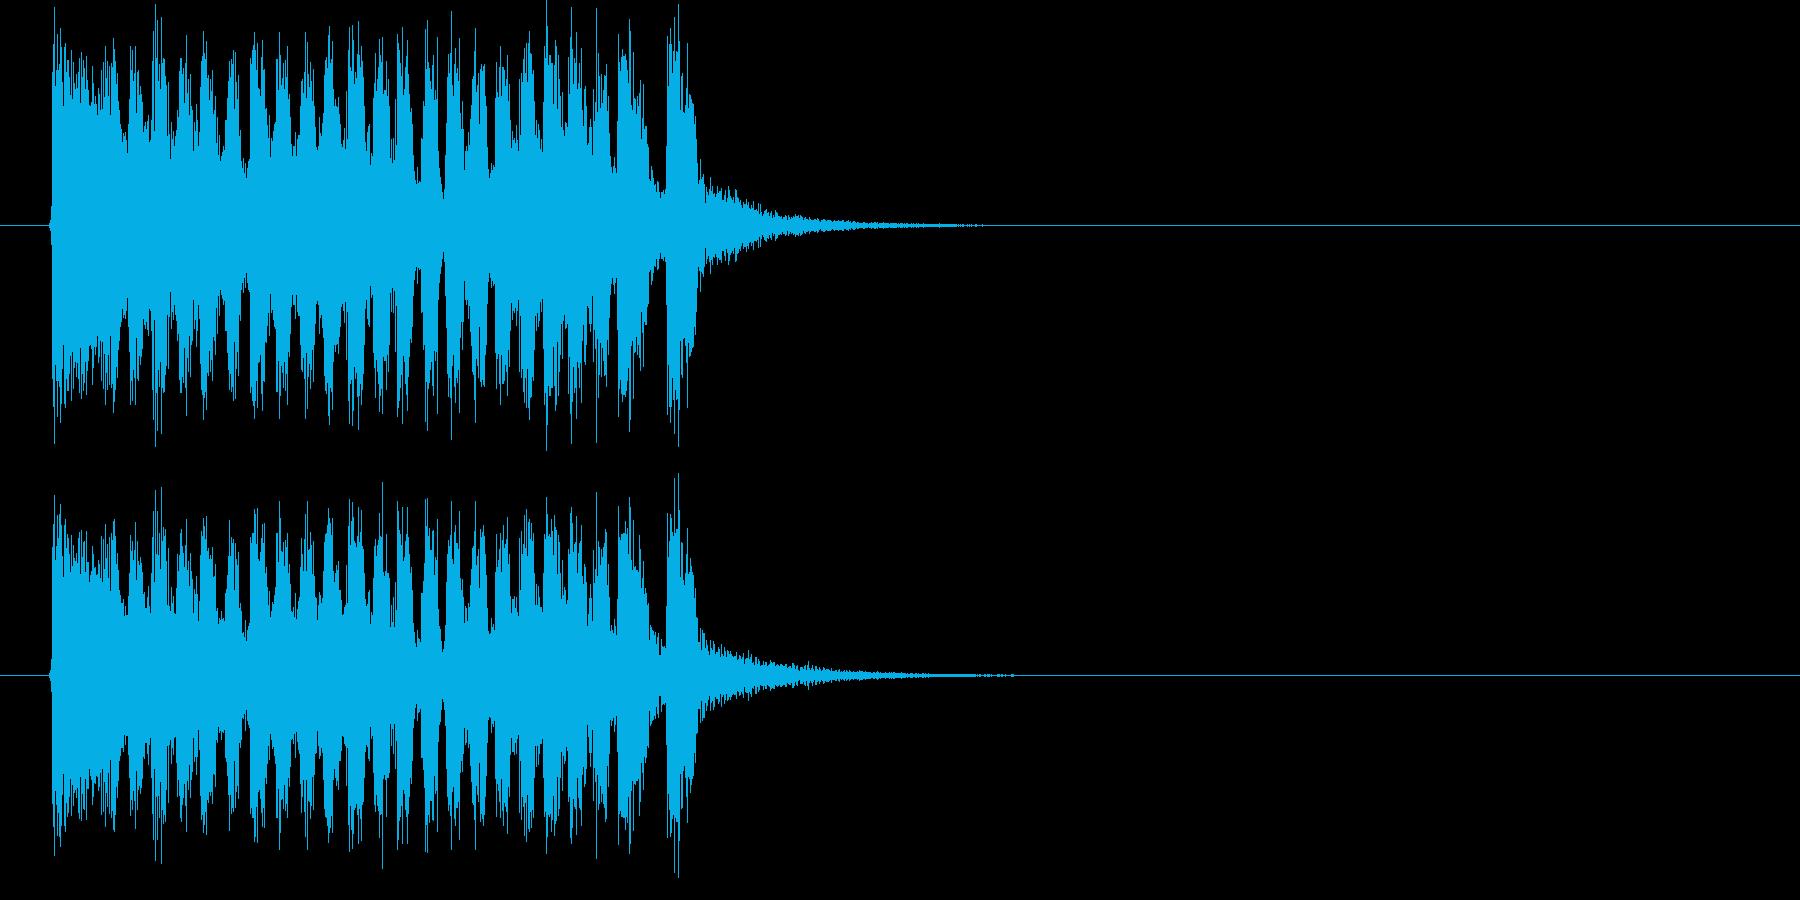 アップテンポな入場行進曲の再生済みの波形